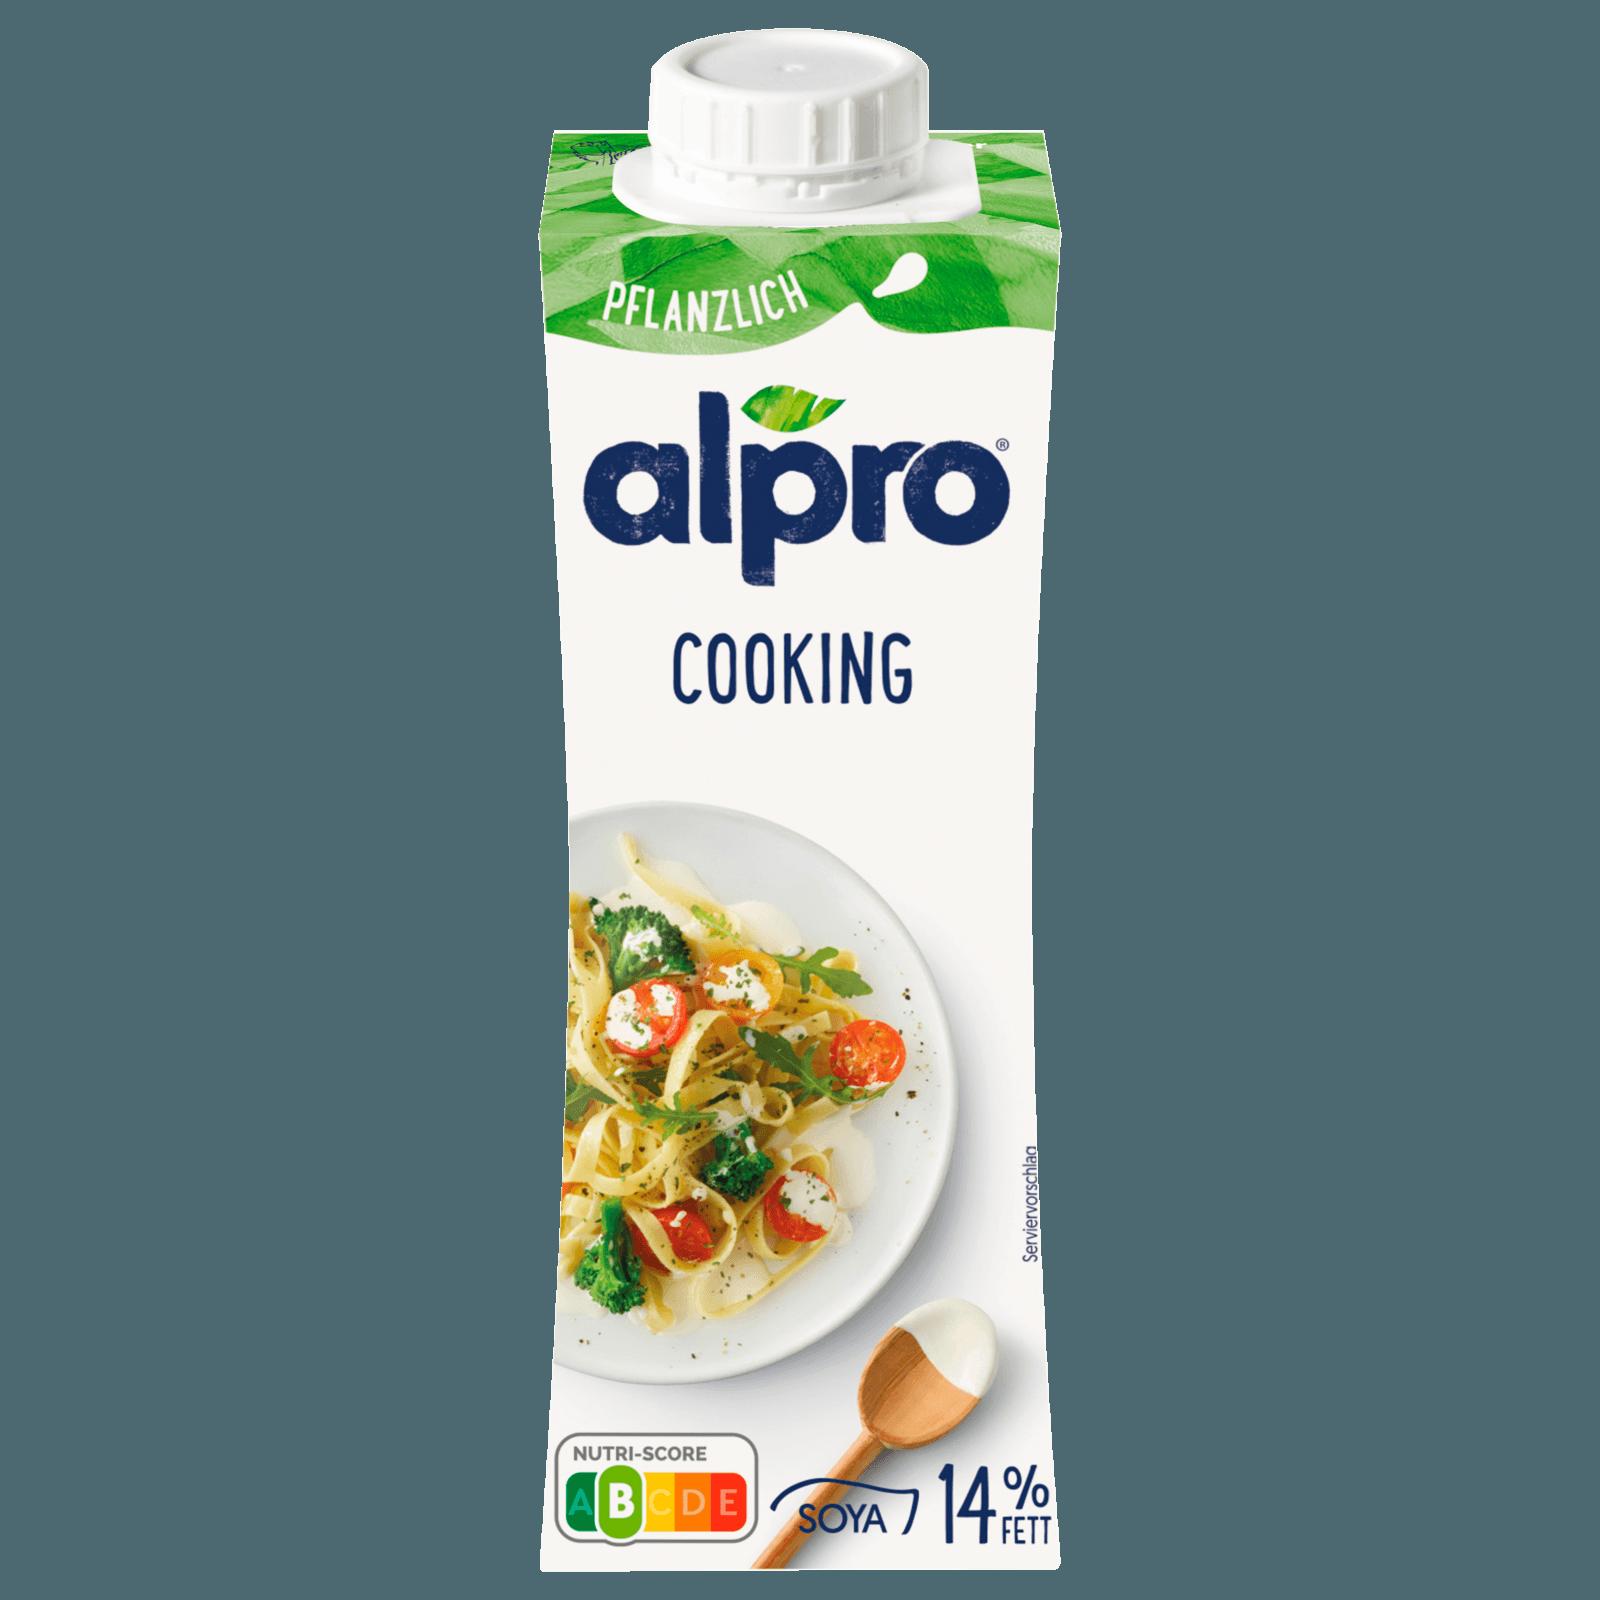 Alpro Sojaprodukt zum kochen, Cuisine 250ml, 53